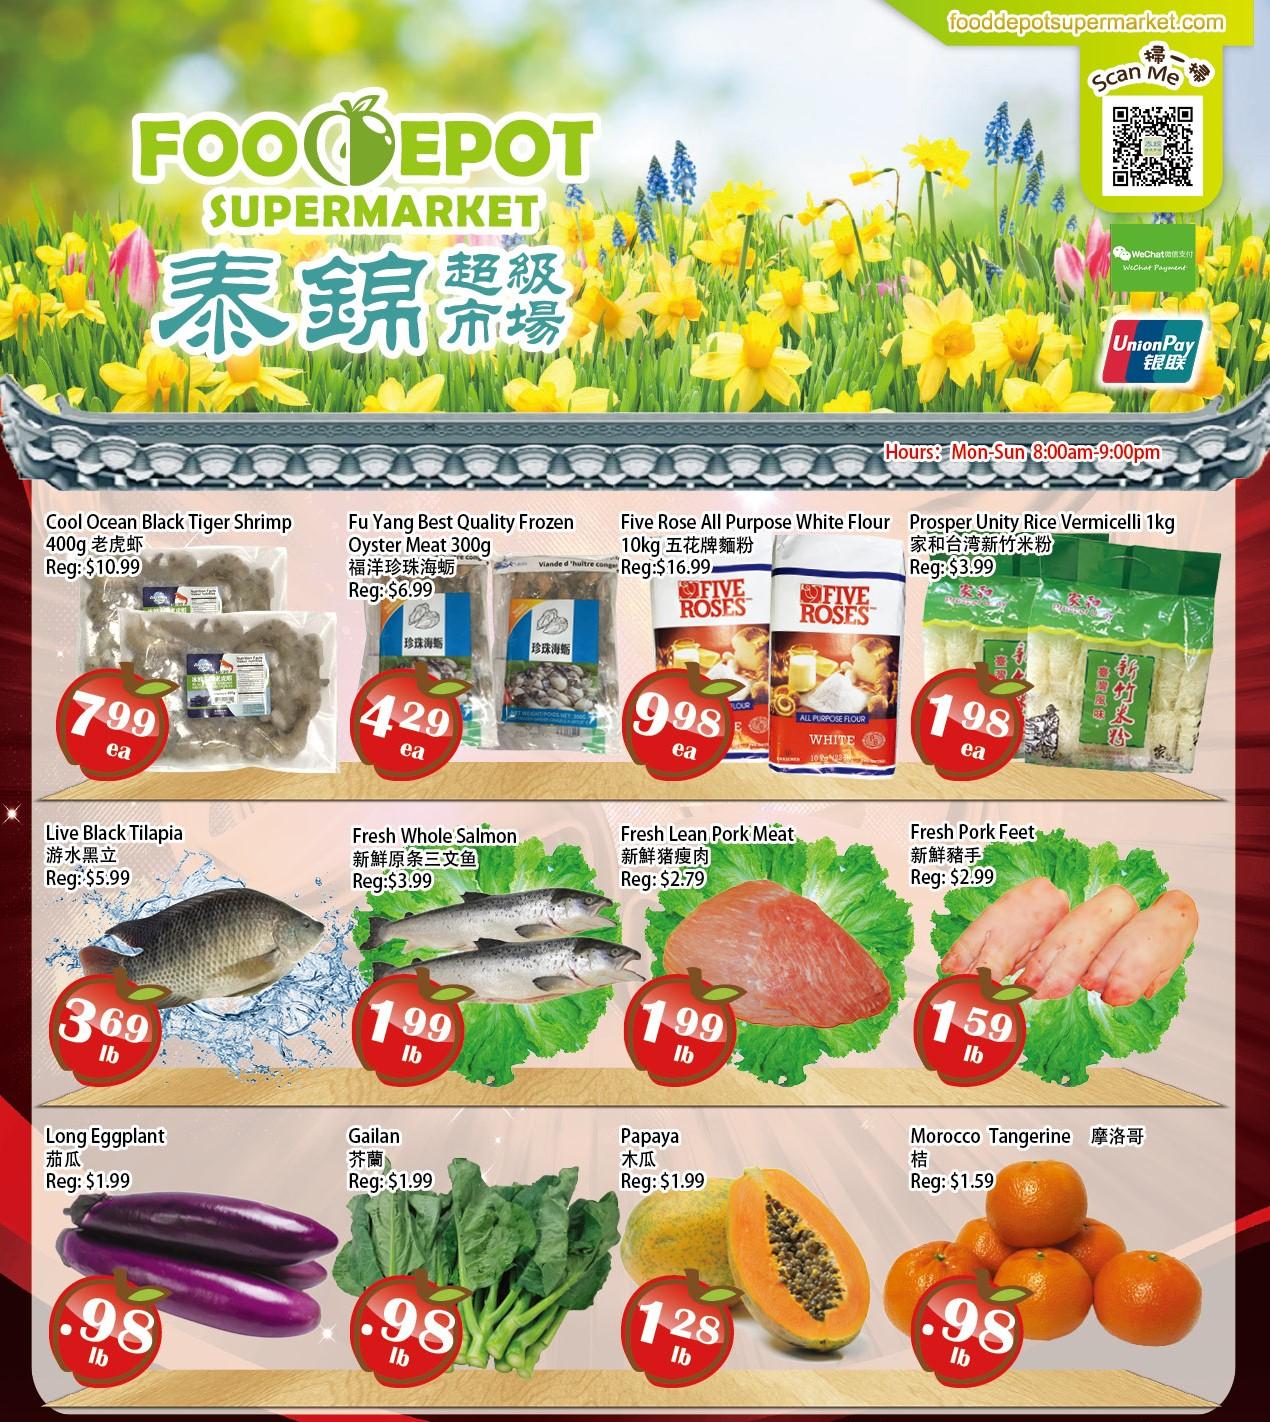 Food Depot Supermarket Flyer Apr 30